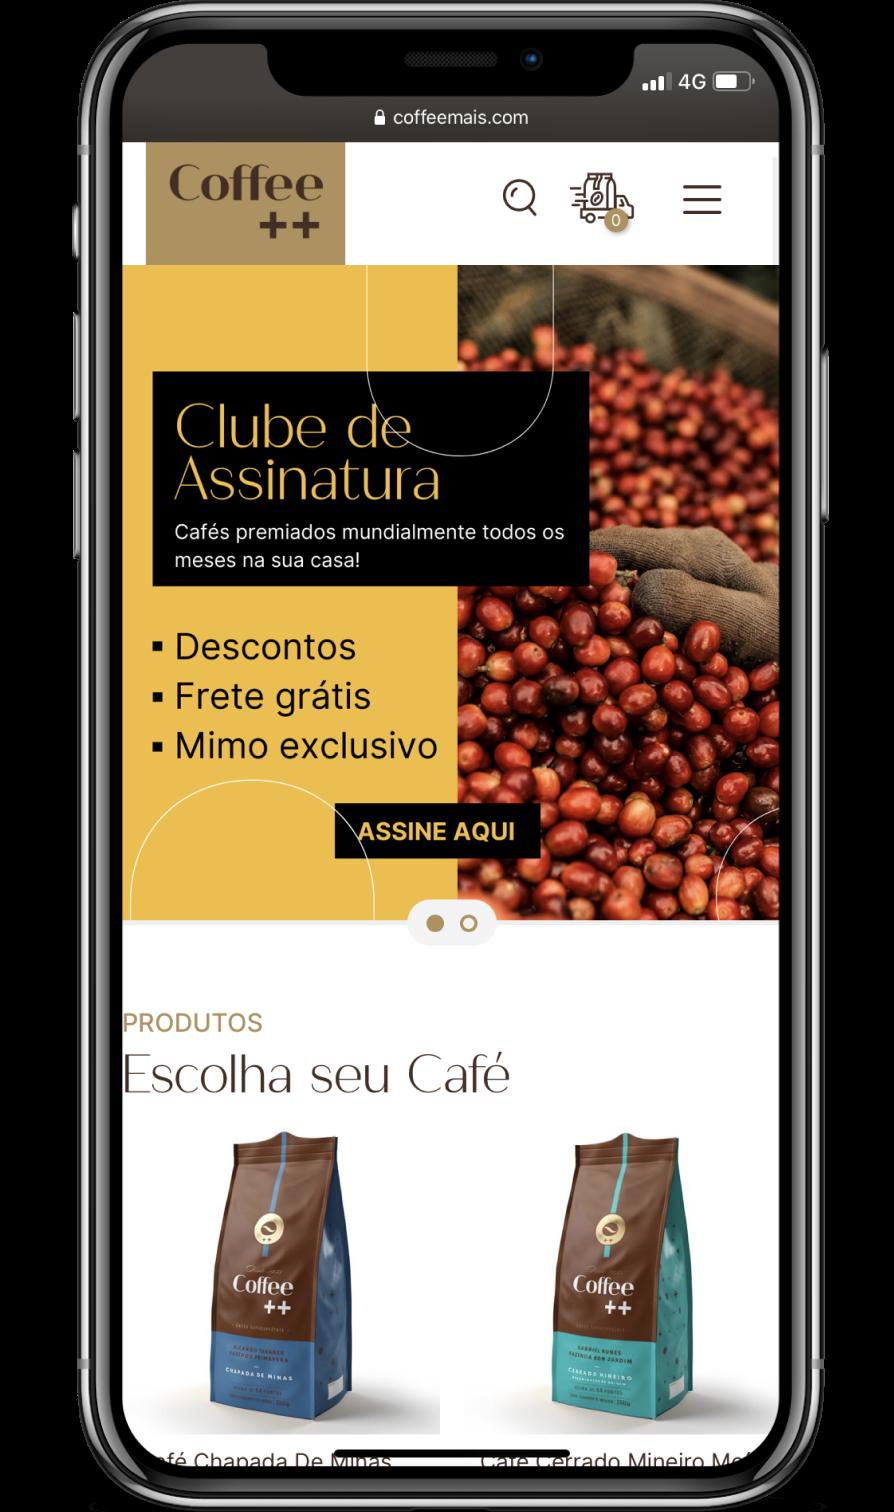 coffeemais.com